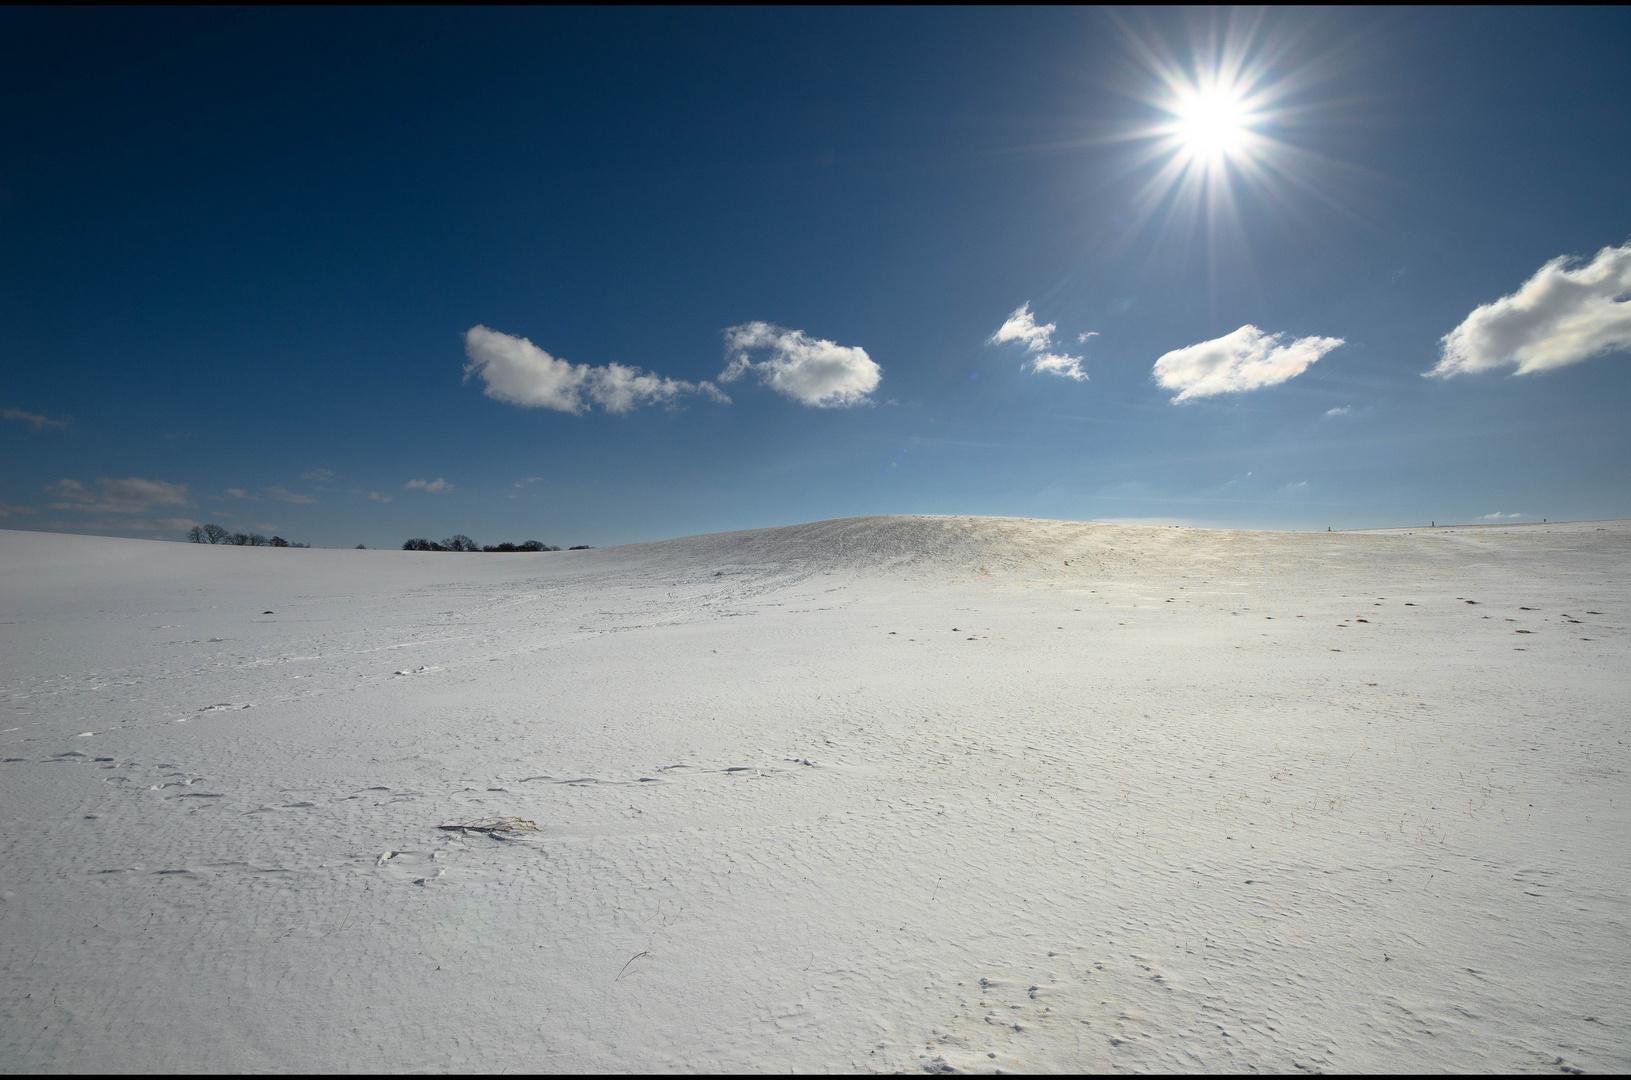 Winter in der schönsten Form